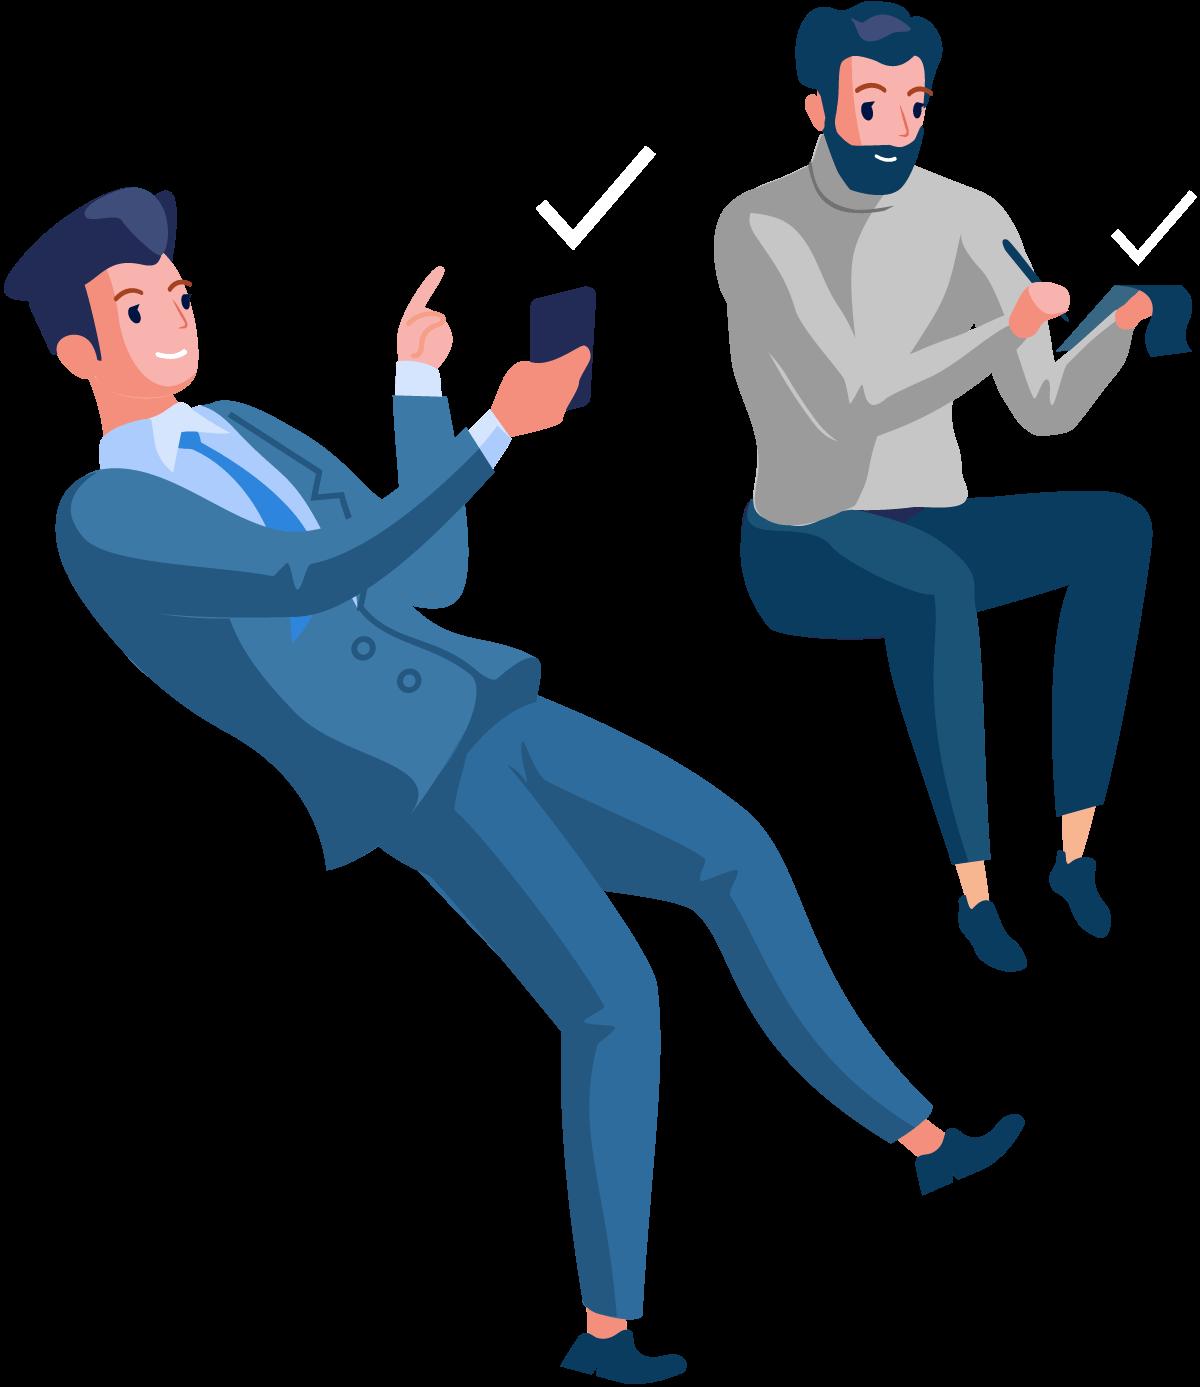 Illustration: Zwei Männer in eleganter Kleidung. Linker Mann mit Smartphone in der Hand, rechter Mann mit Notizblock und Kugelschreiber